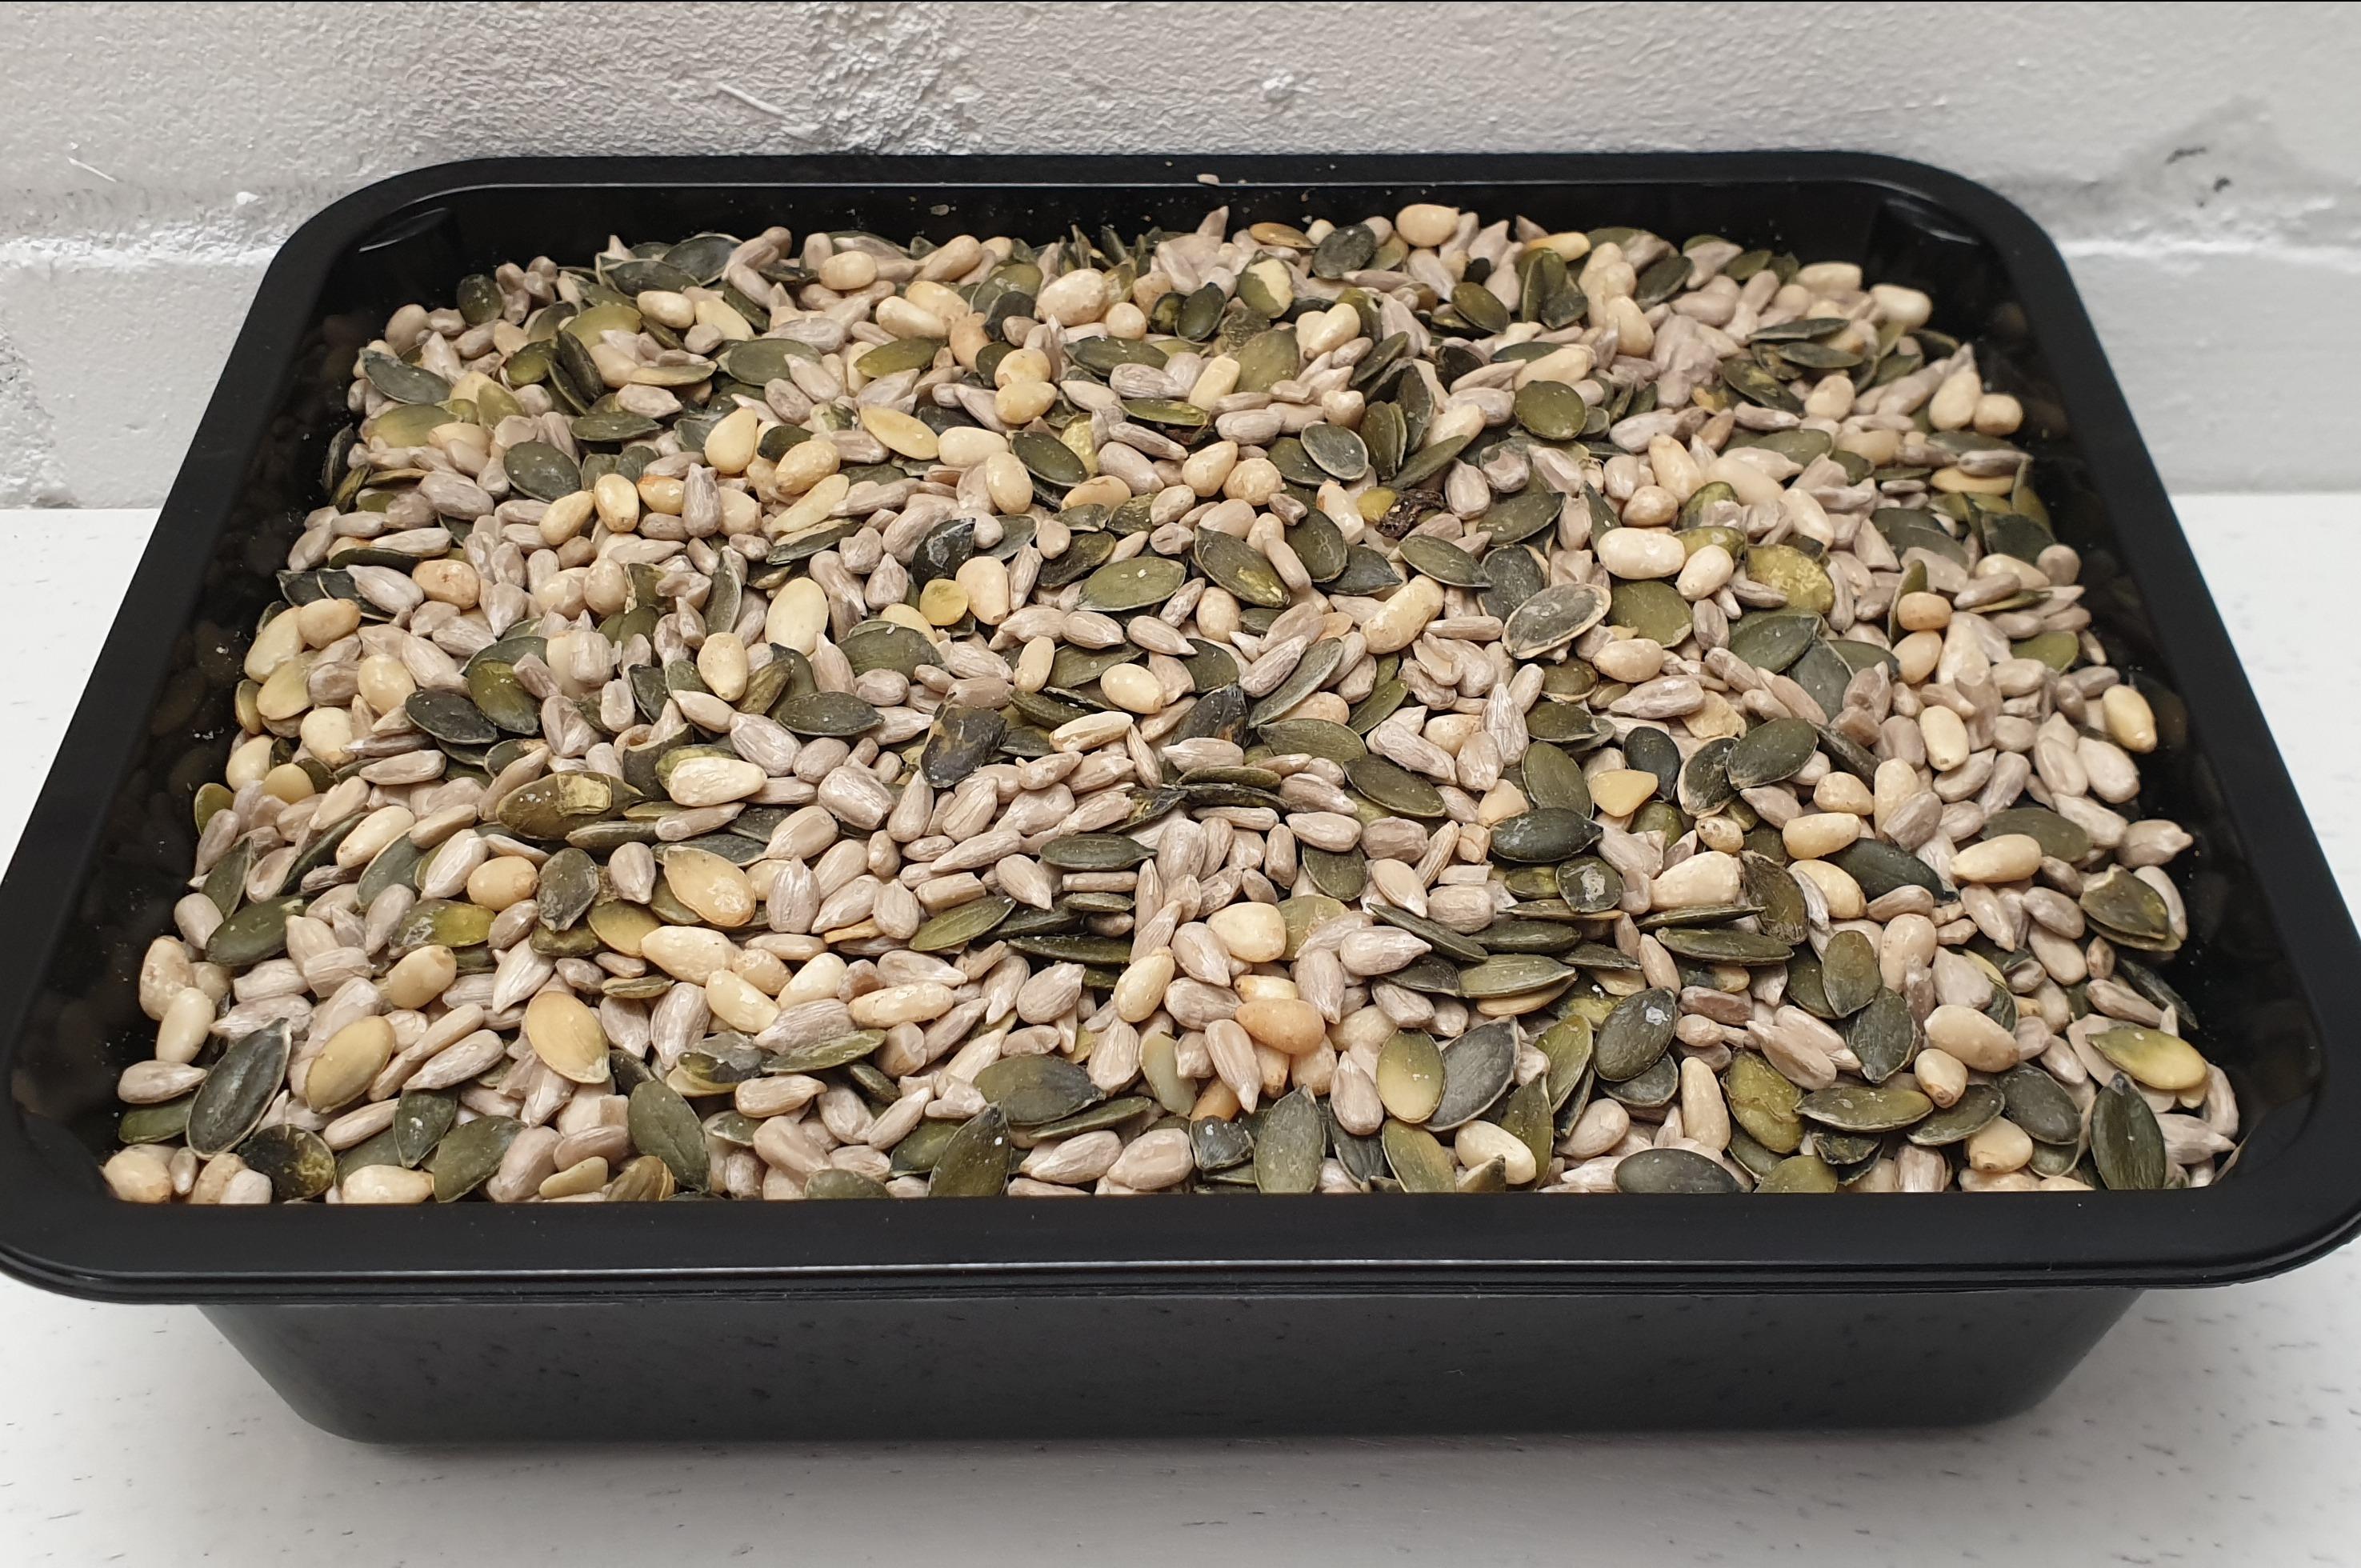 Pittenmix per kilo